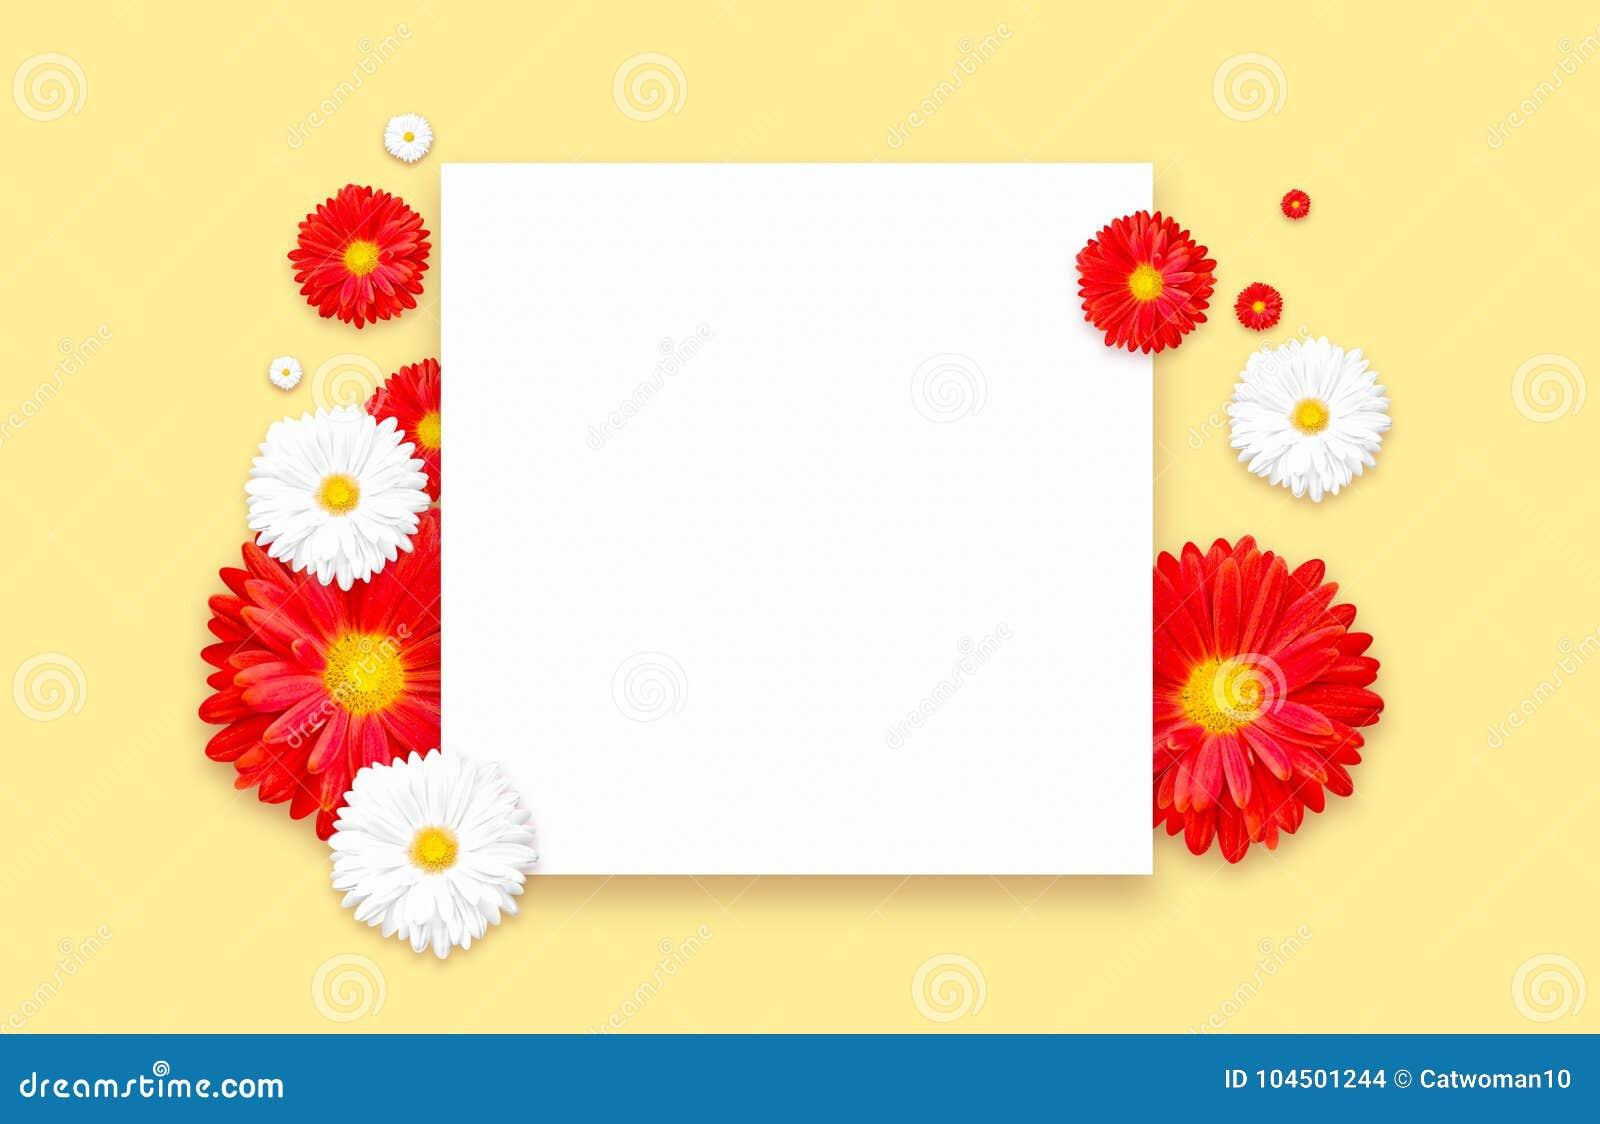 Υπόβαθρο με το όμορφο ζωηρόχρωμο λουλούδι Ιπτάμενα ταπετσαριών, πρόσκληση, αφίσες, φυλλάδιο, έκπτωση αποδείξεων